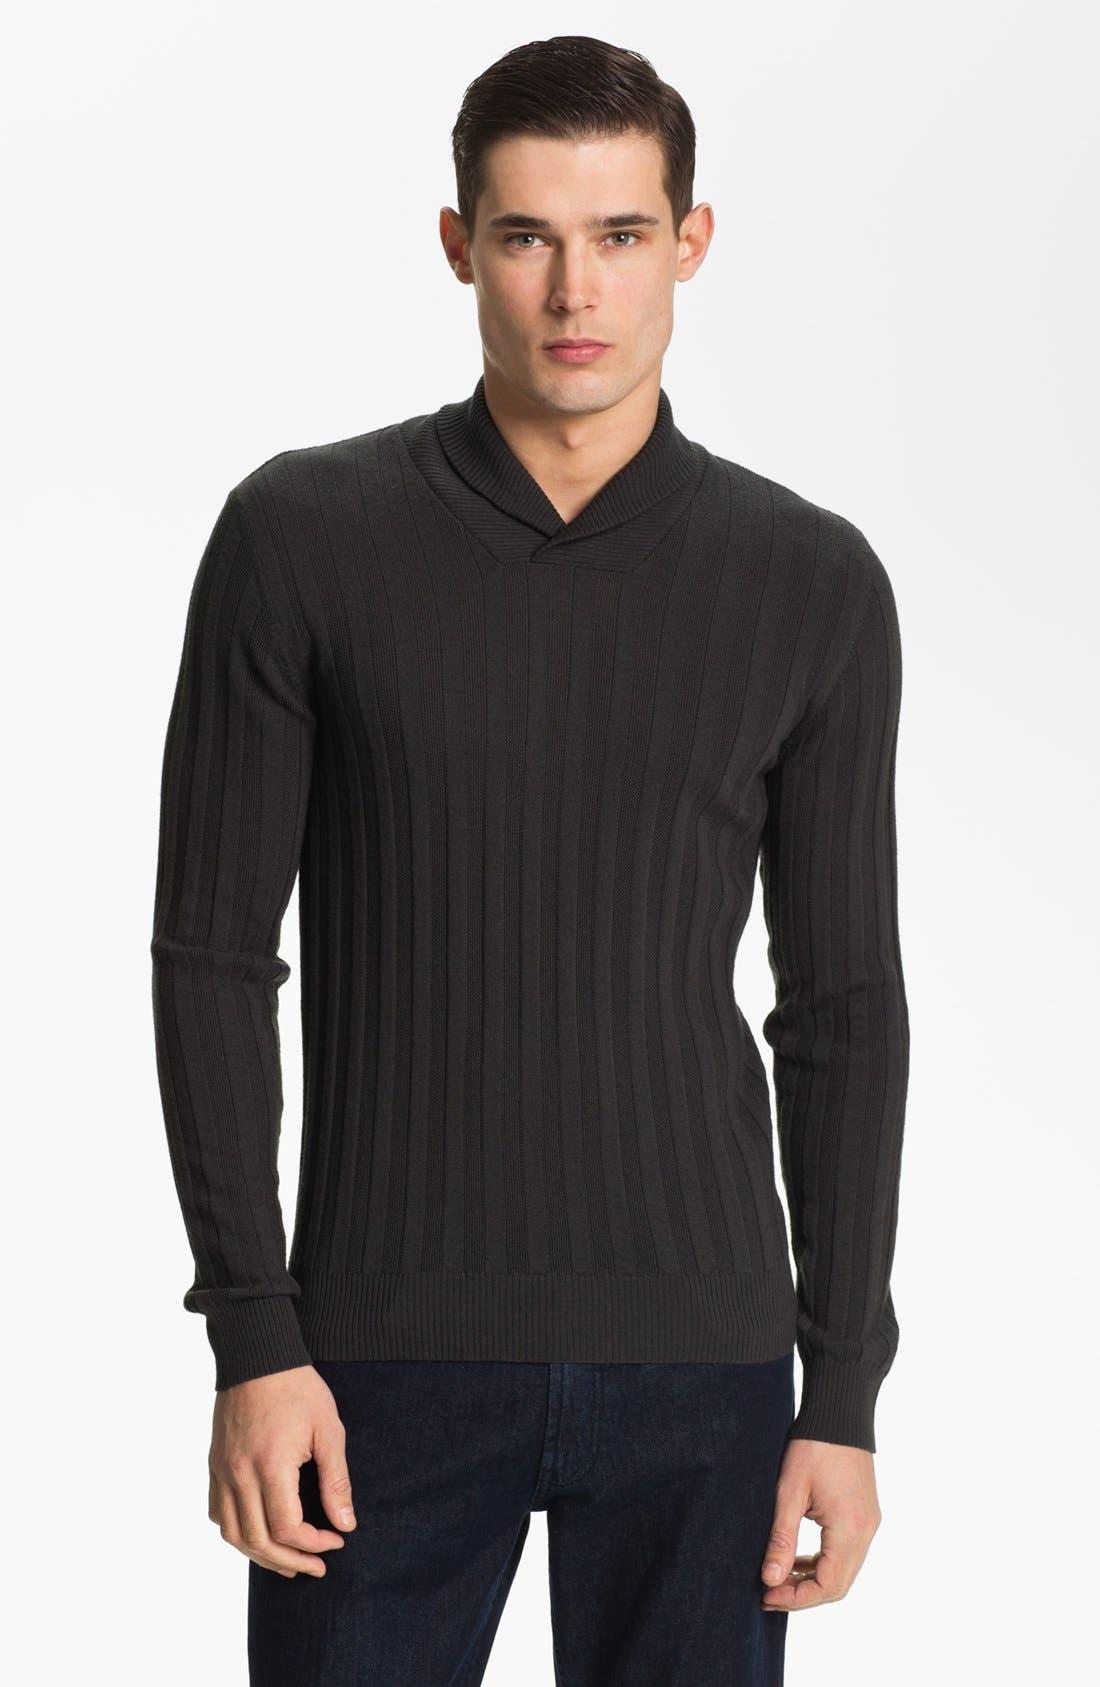 Alternate Image 1 Selected - Armani Collezioni Shawl Collar Sweater